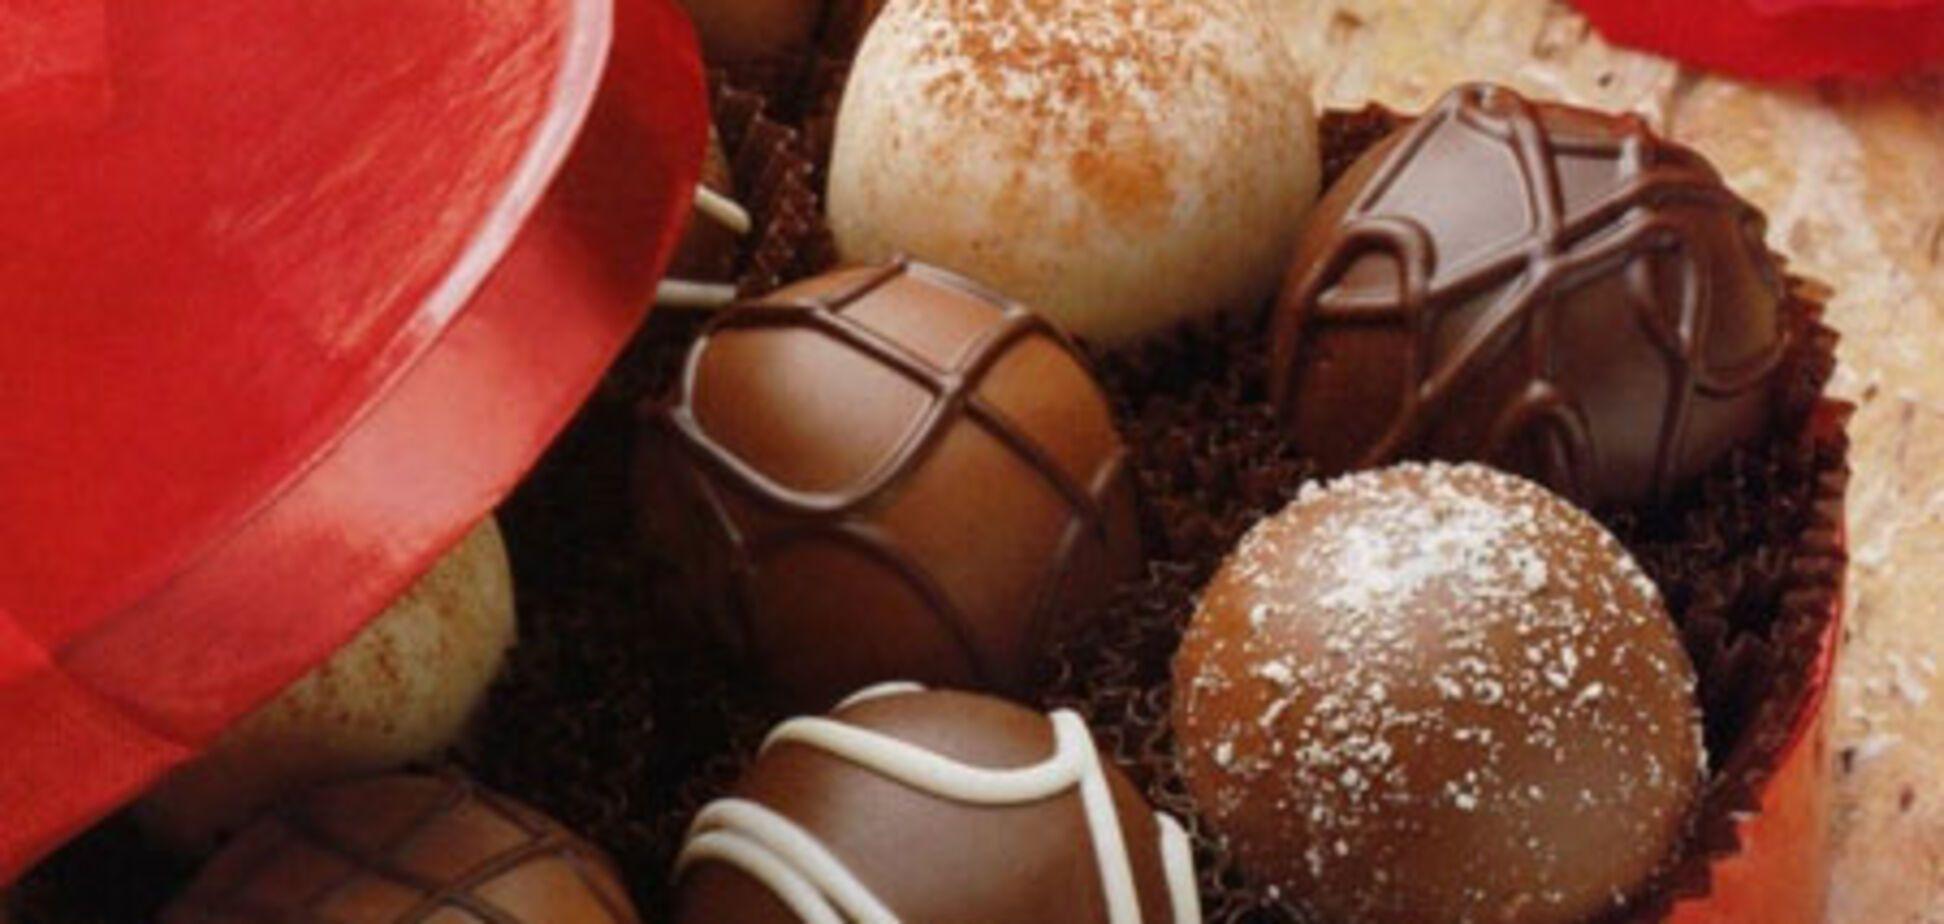 11 июля – сладкоежки всего мира будут отмечать день шоколада!